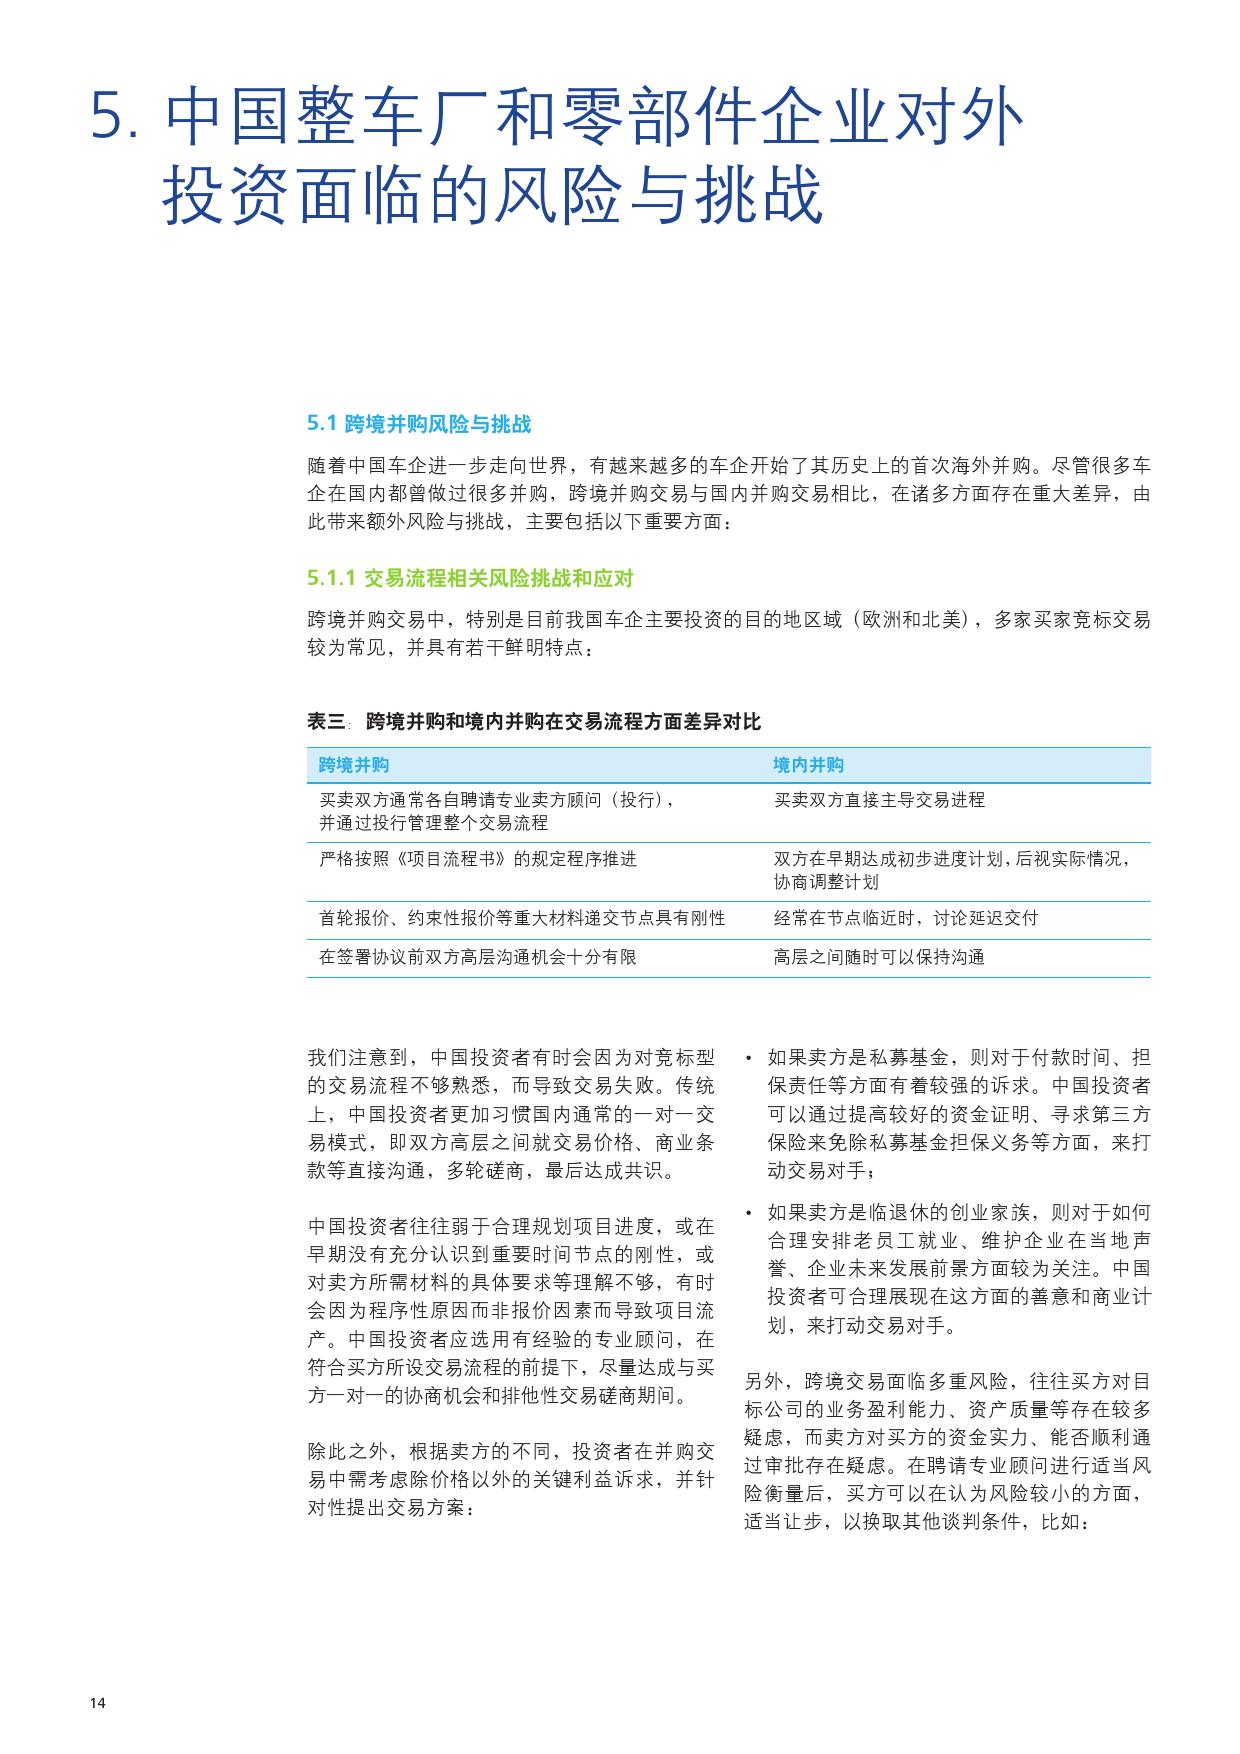 2016中国汽车行业对外投资报告_000016